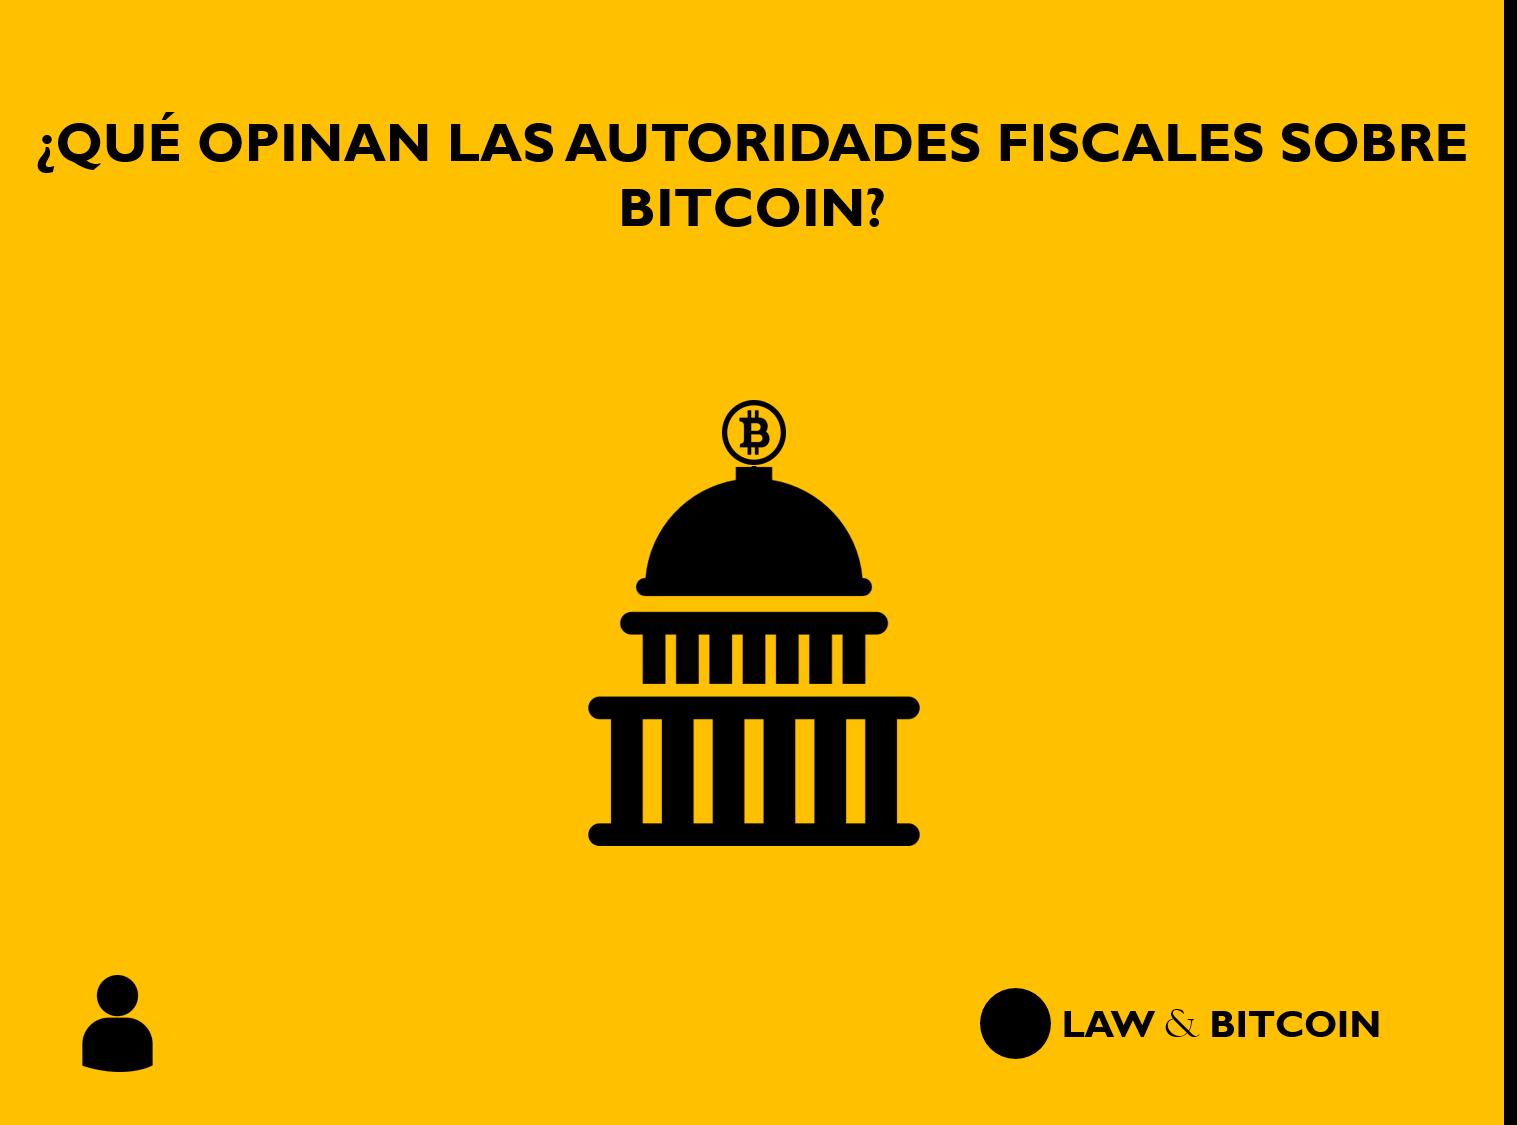 Opinion autoridades fiscales Bitcoin